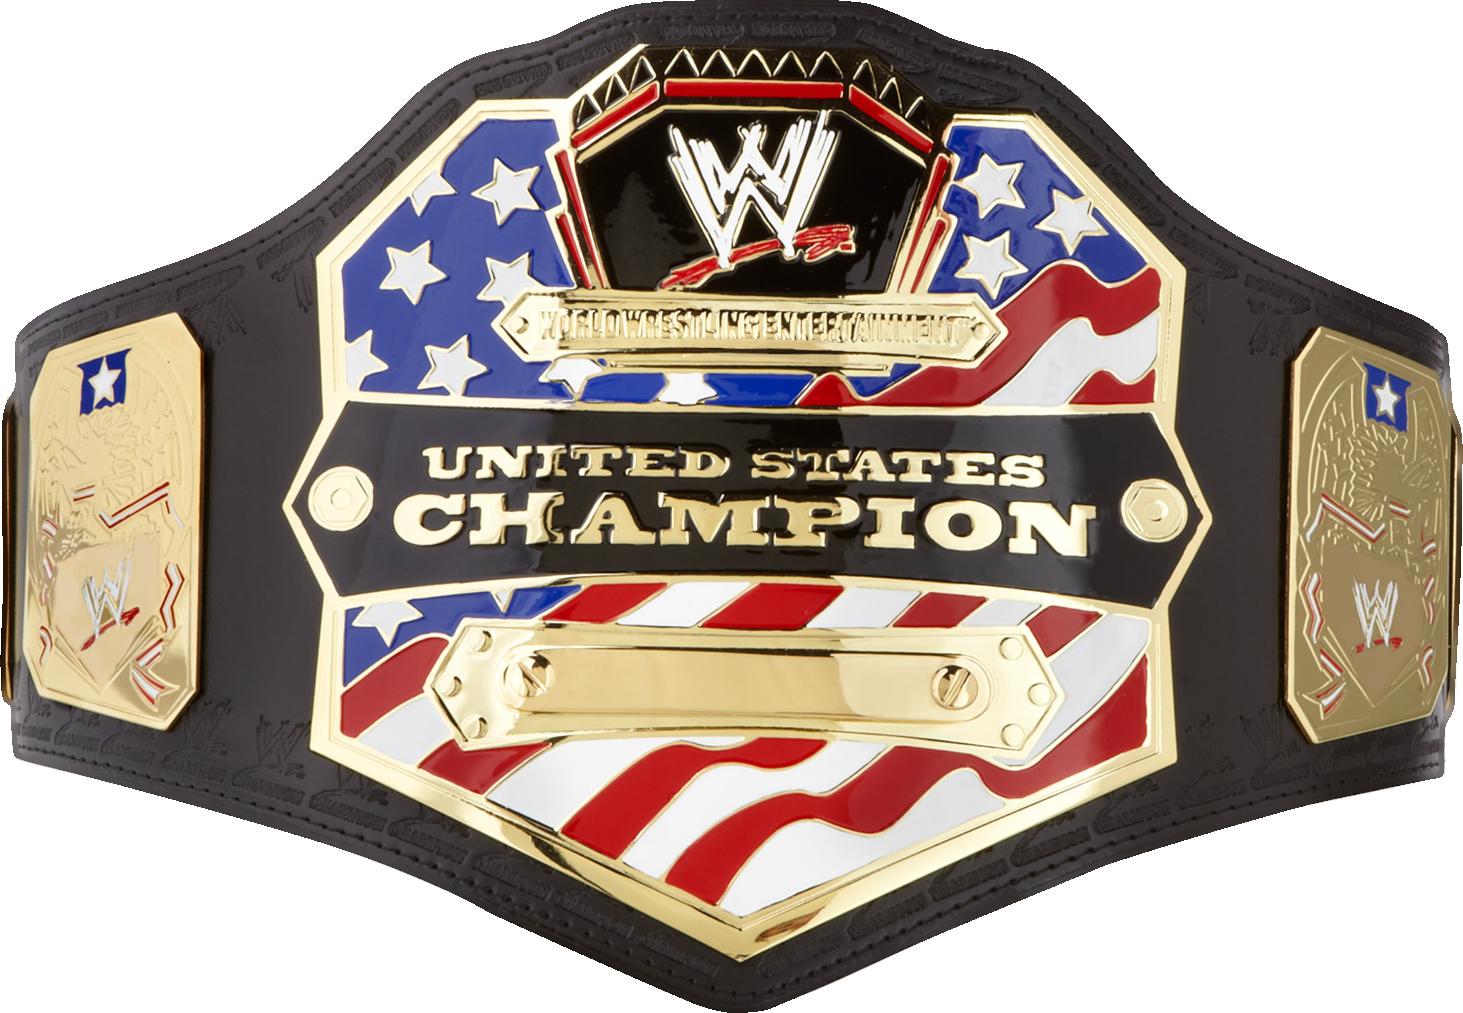 Ustitleyaren Png 1463 1013 Wwe United States Championship Wwe Championship Belts Wwe Belts